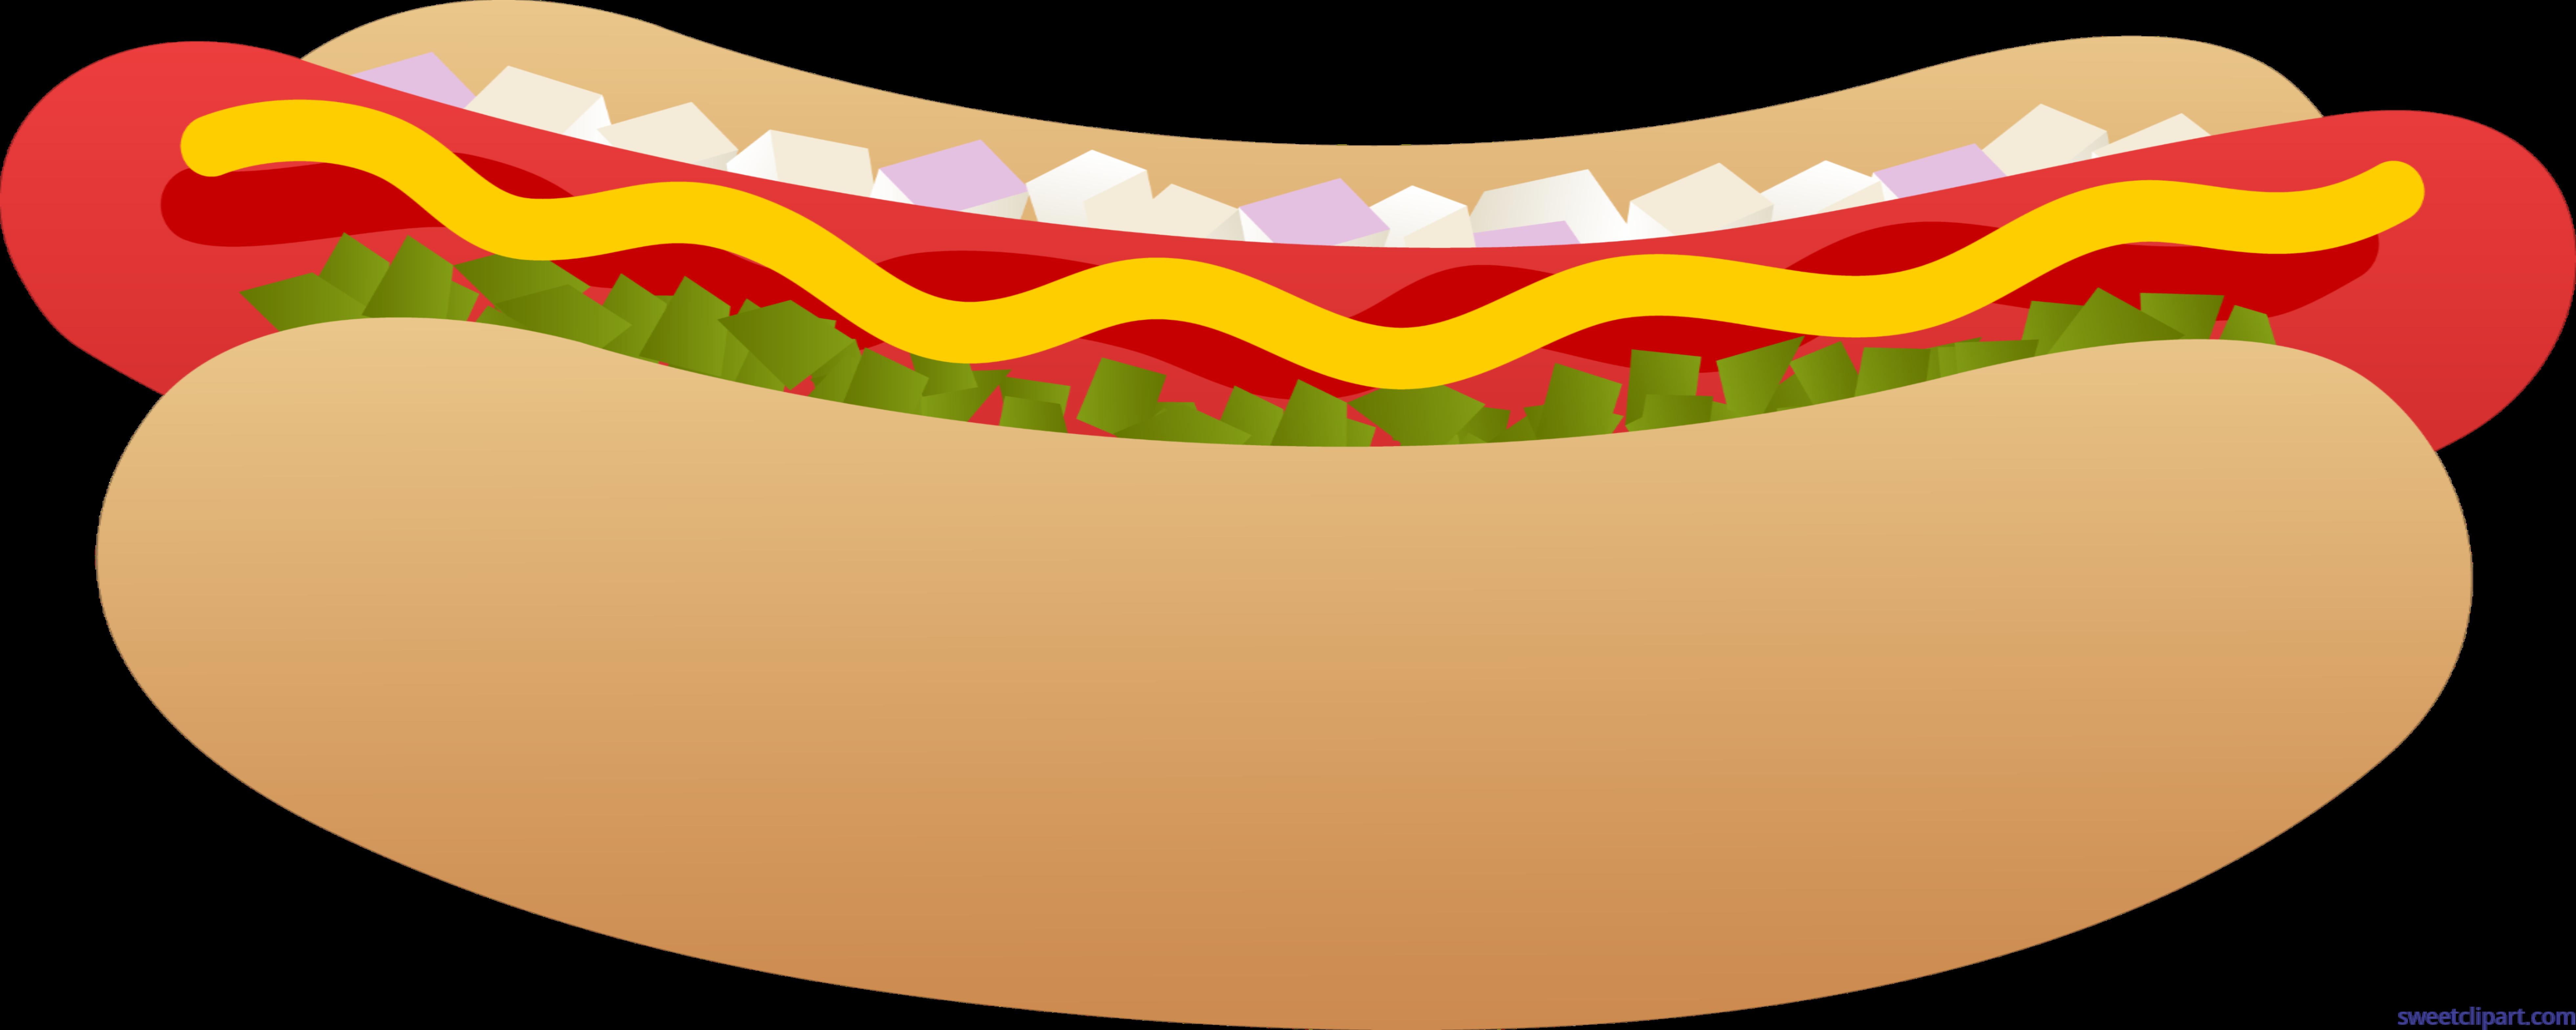 7846x3137 Hot Dog On Bun Clip Art